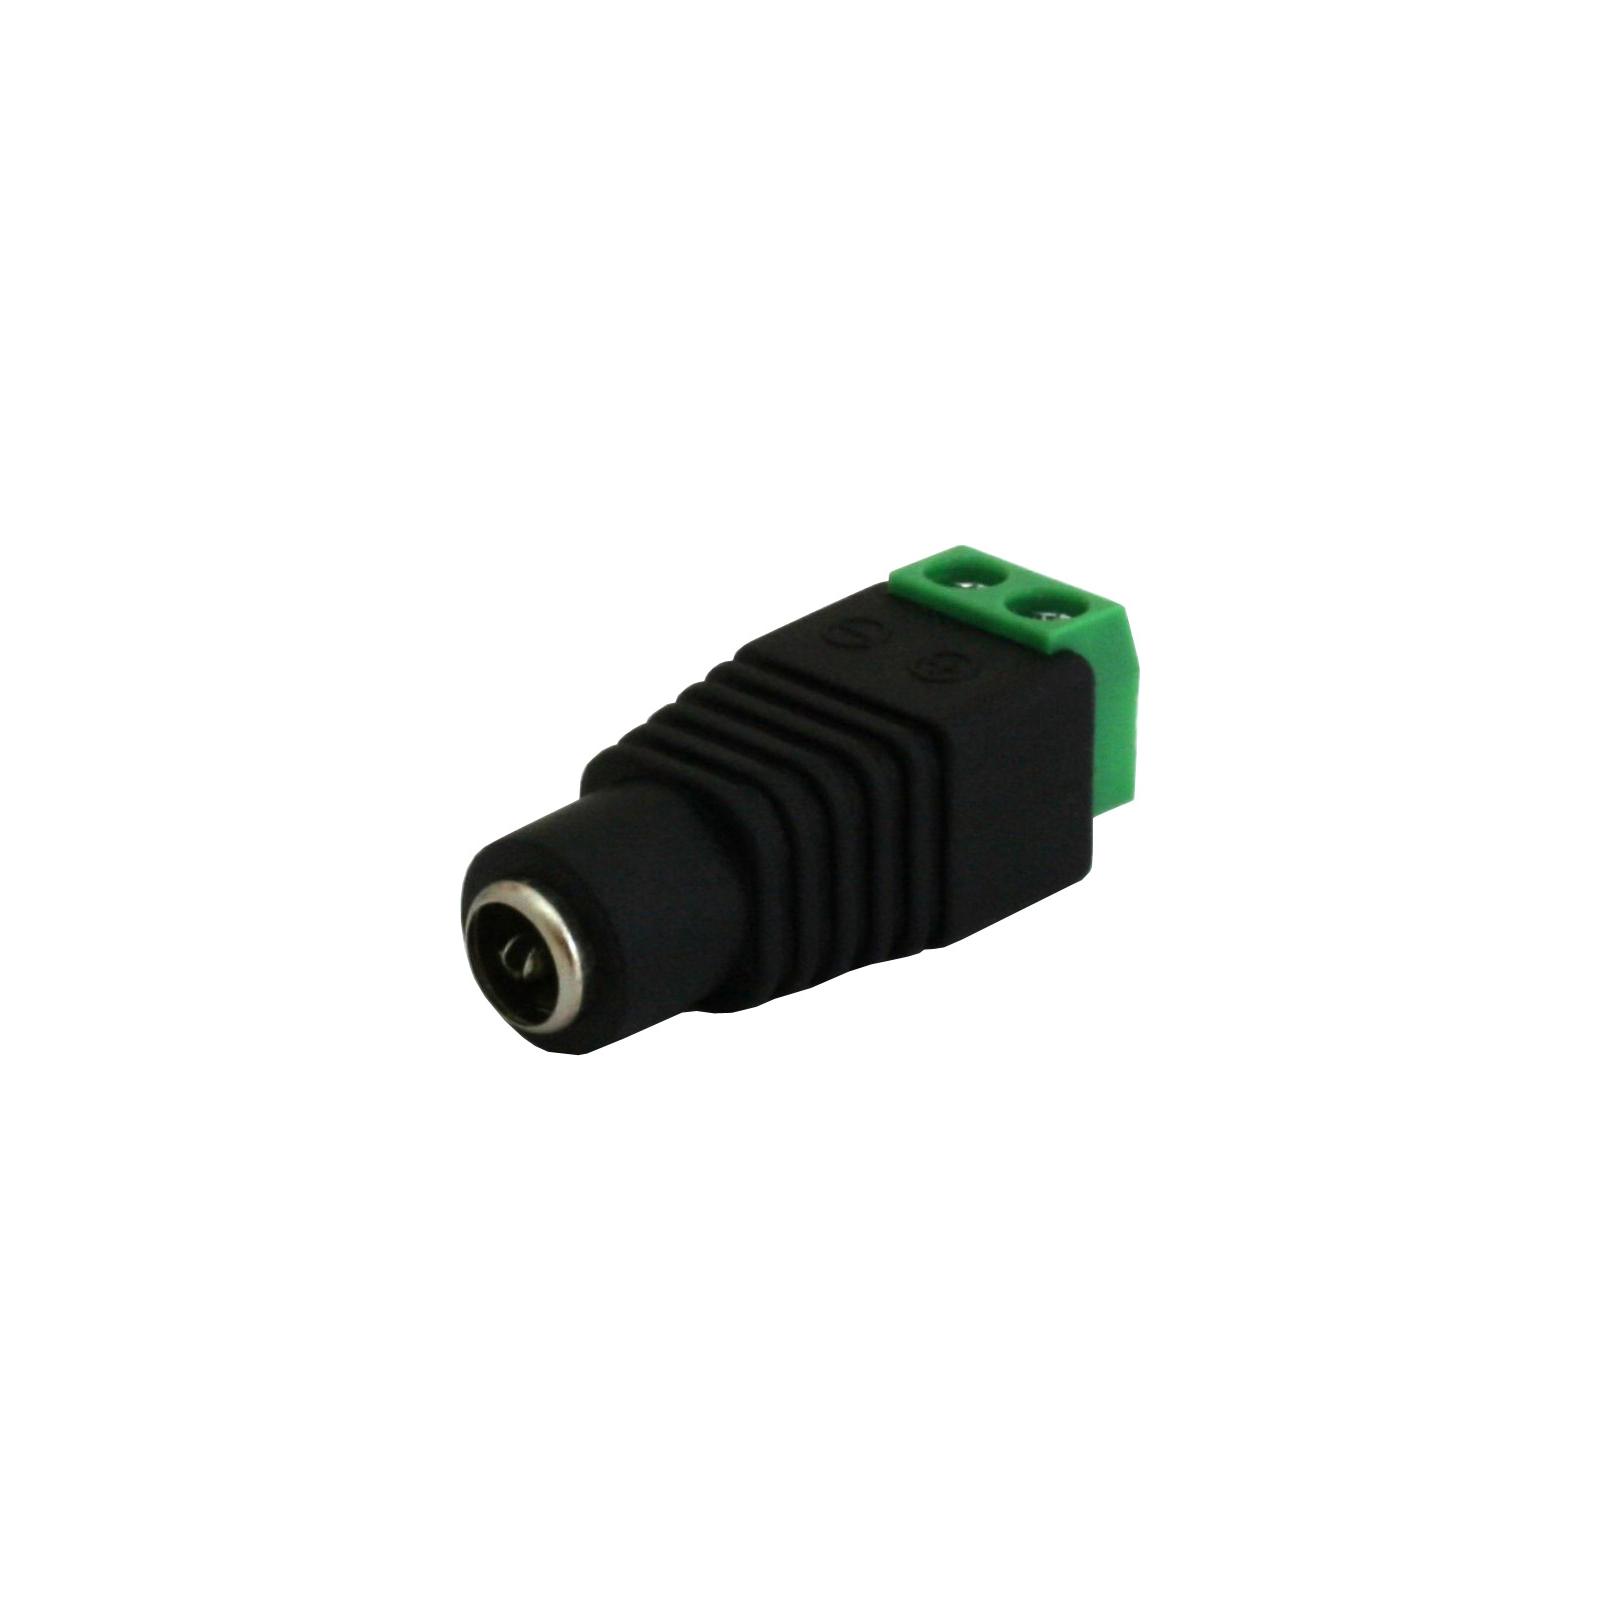 Коннектор GreenVision GV-DC female, 10 шт. (3746)